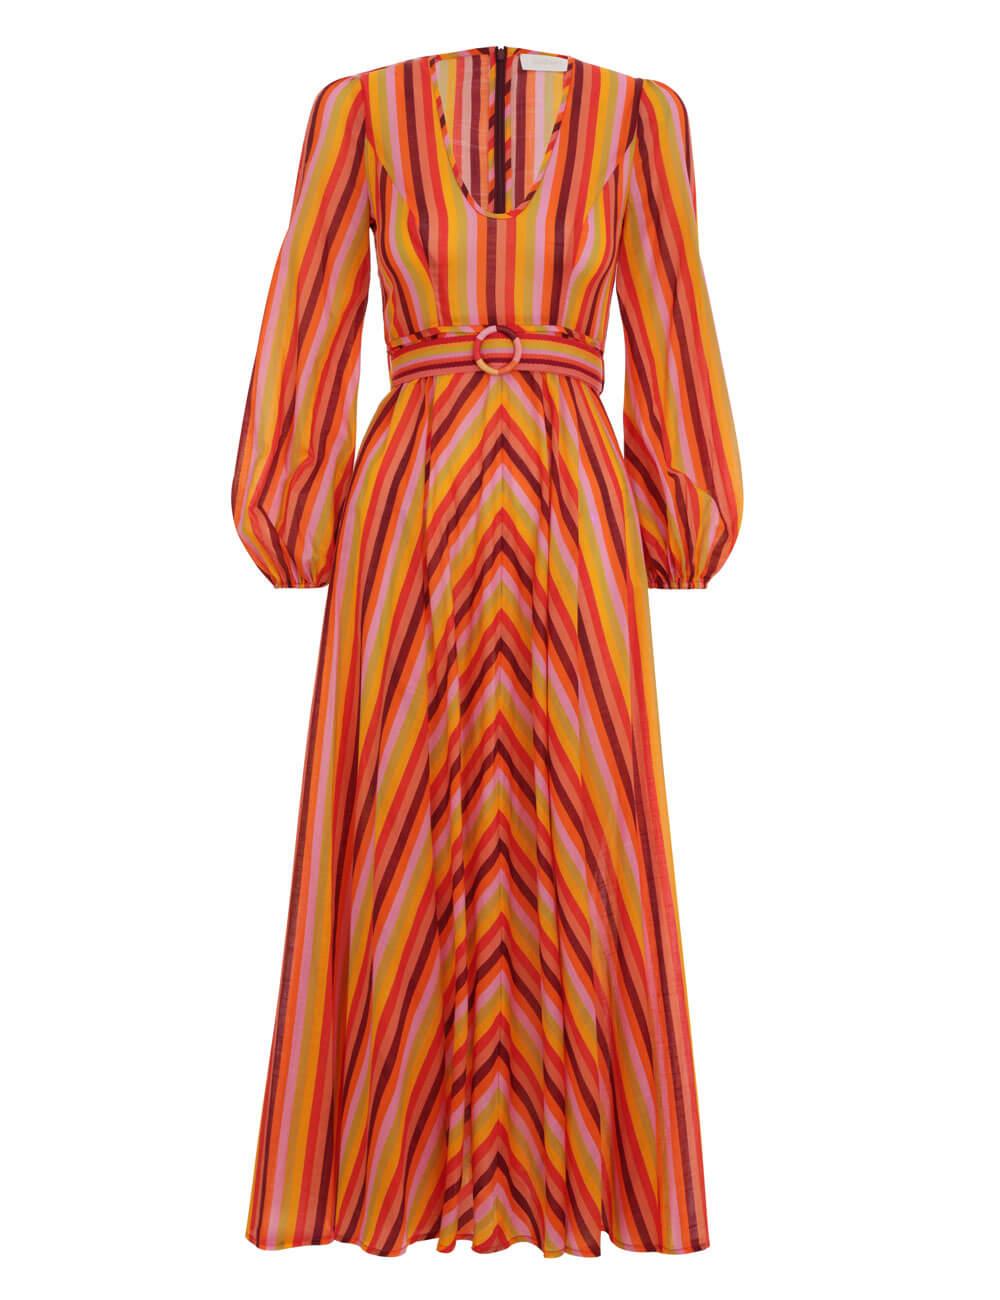 Goldie Plunge Dress